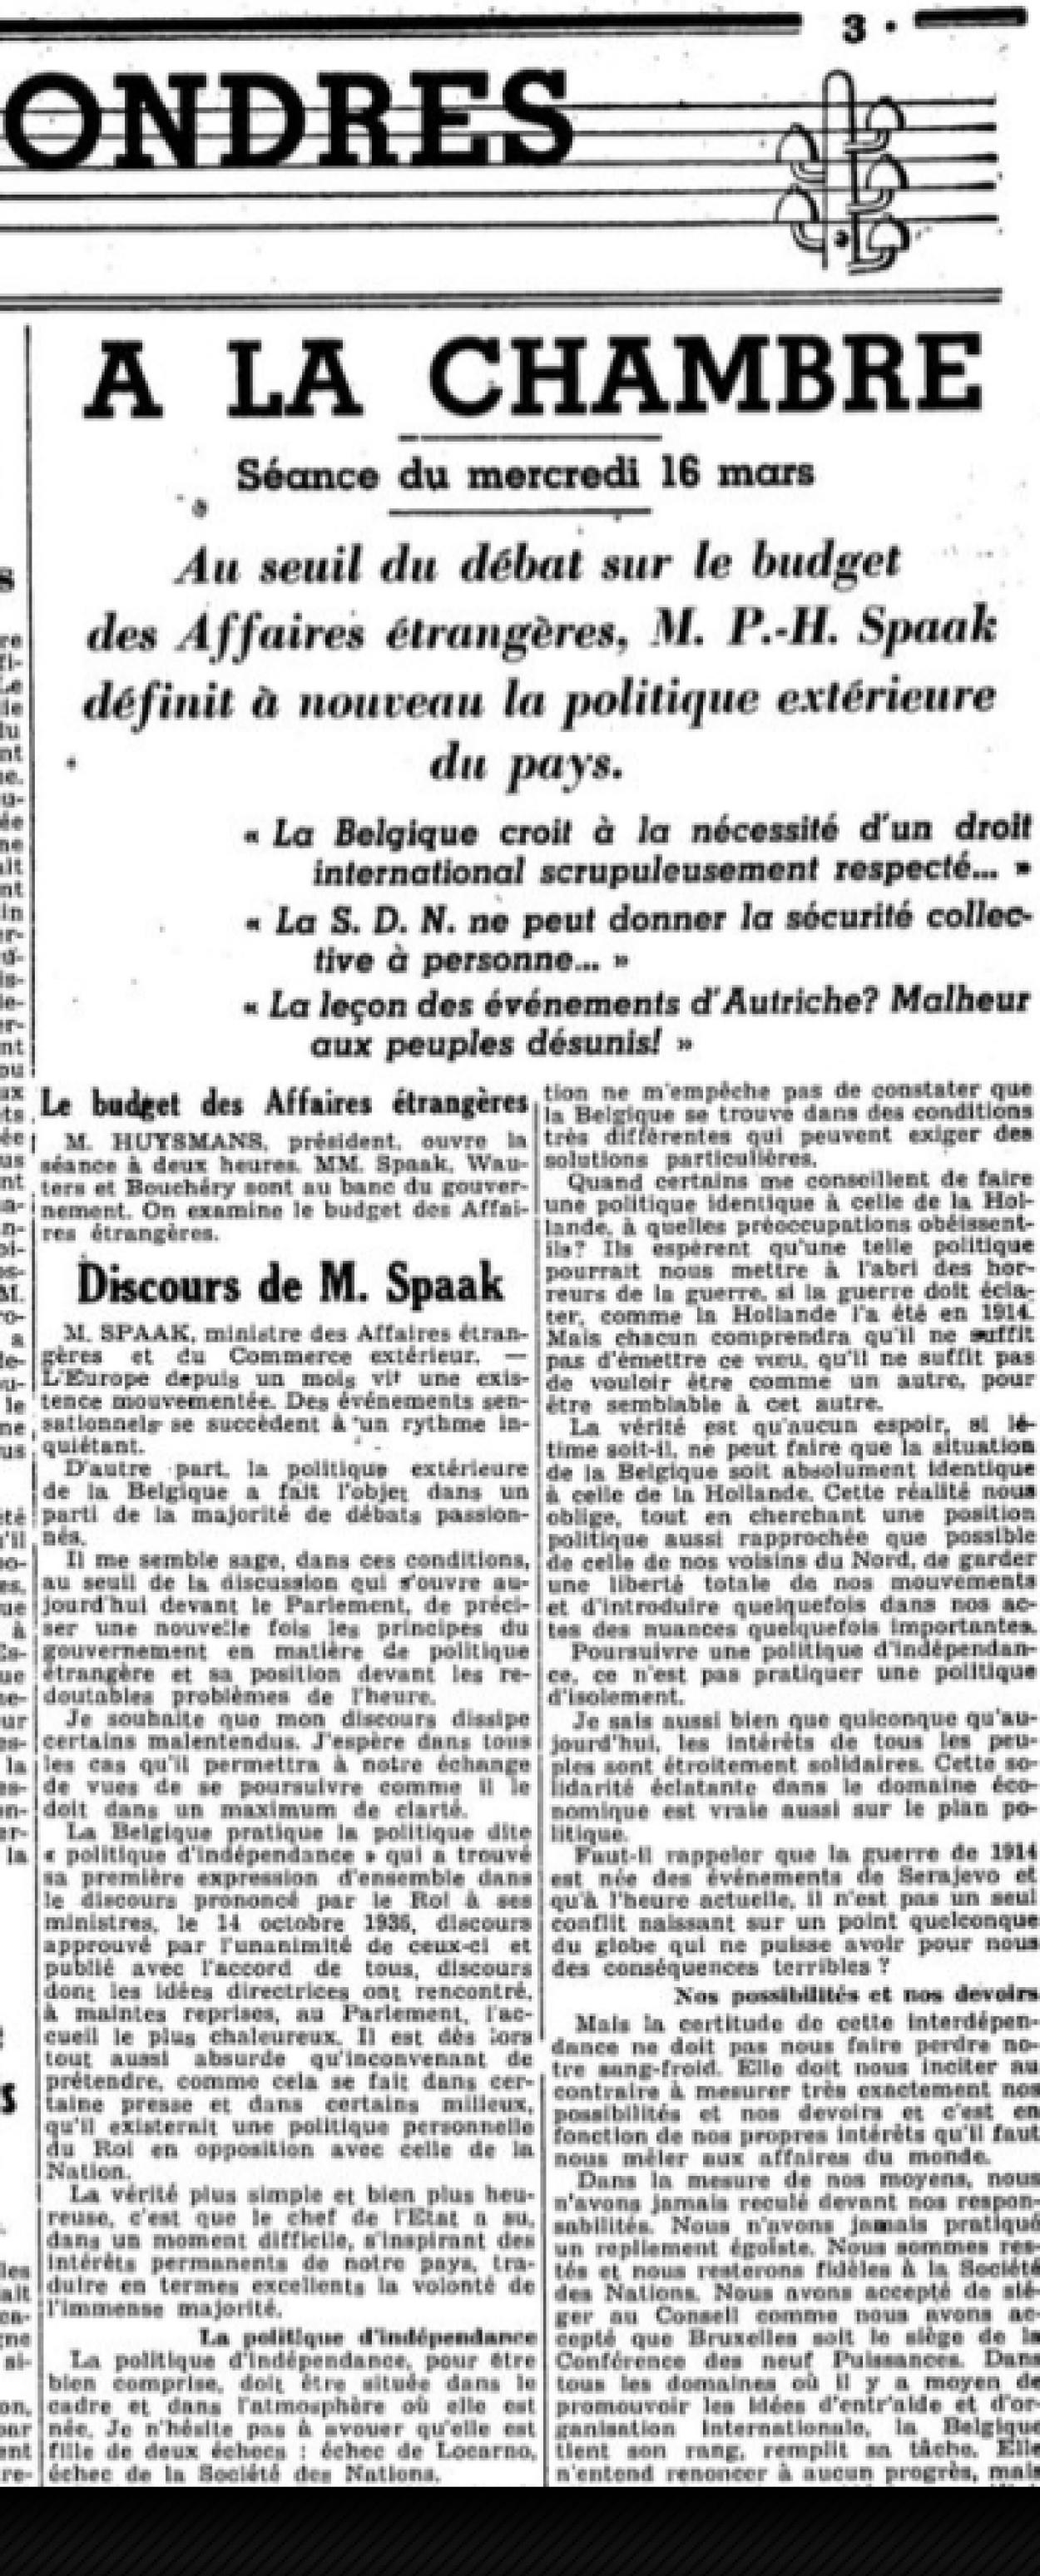 le-soir-18-3-1938.png